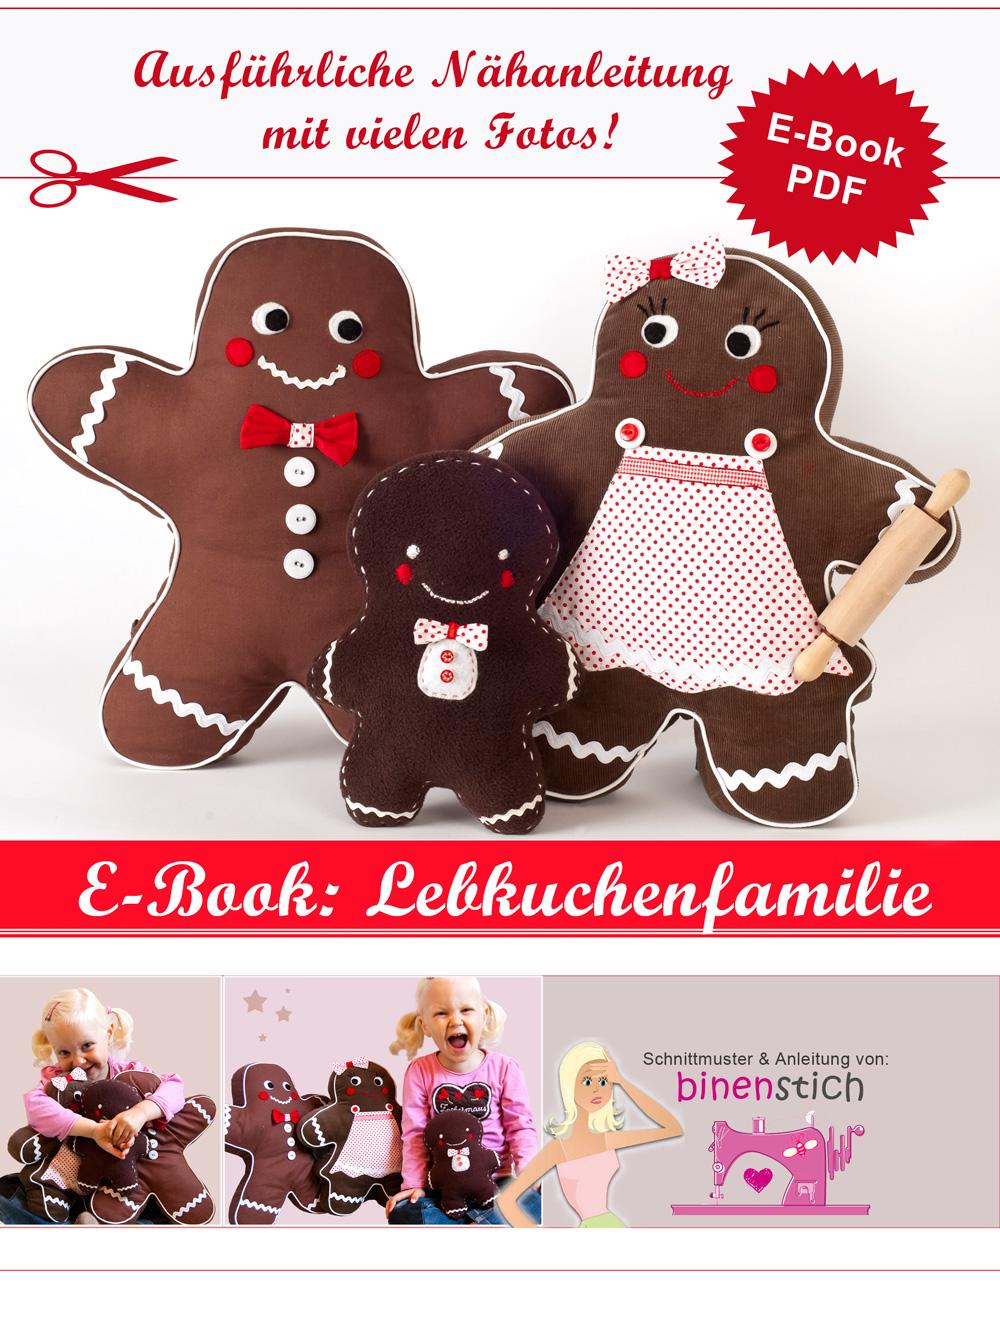 Lebkuchenmann + Familie nähen: Anleitung für Weihnachten   Binenstich